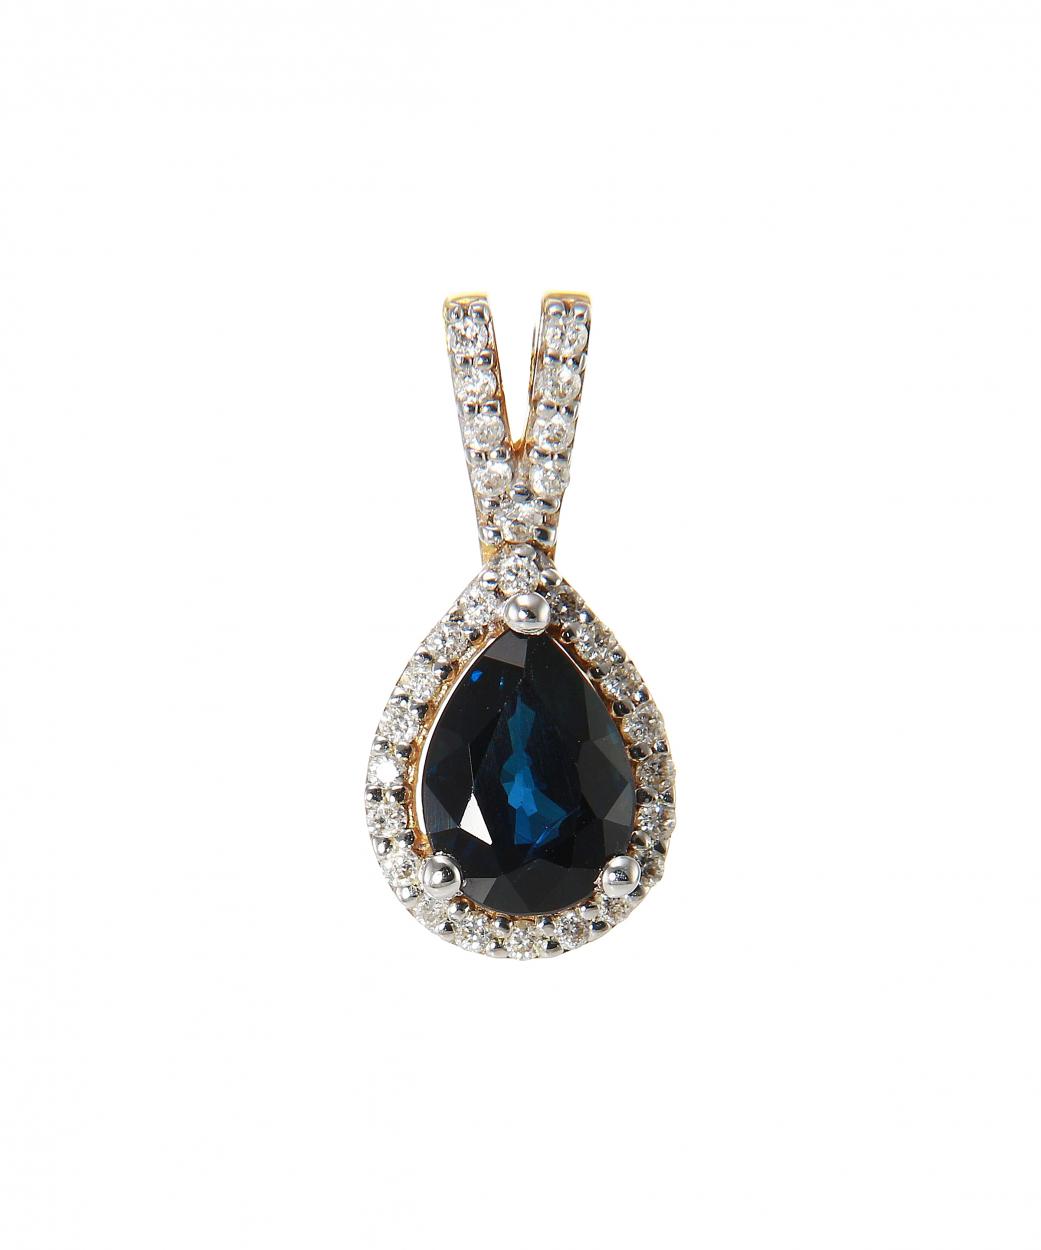 pendentif or jaune saphir et diamant bijoux co teux. Black Bedroom Furniture Sets. Home Design Ideas